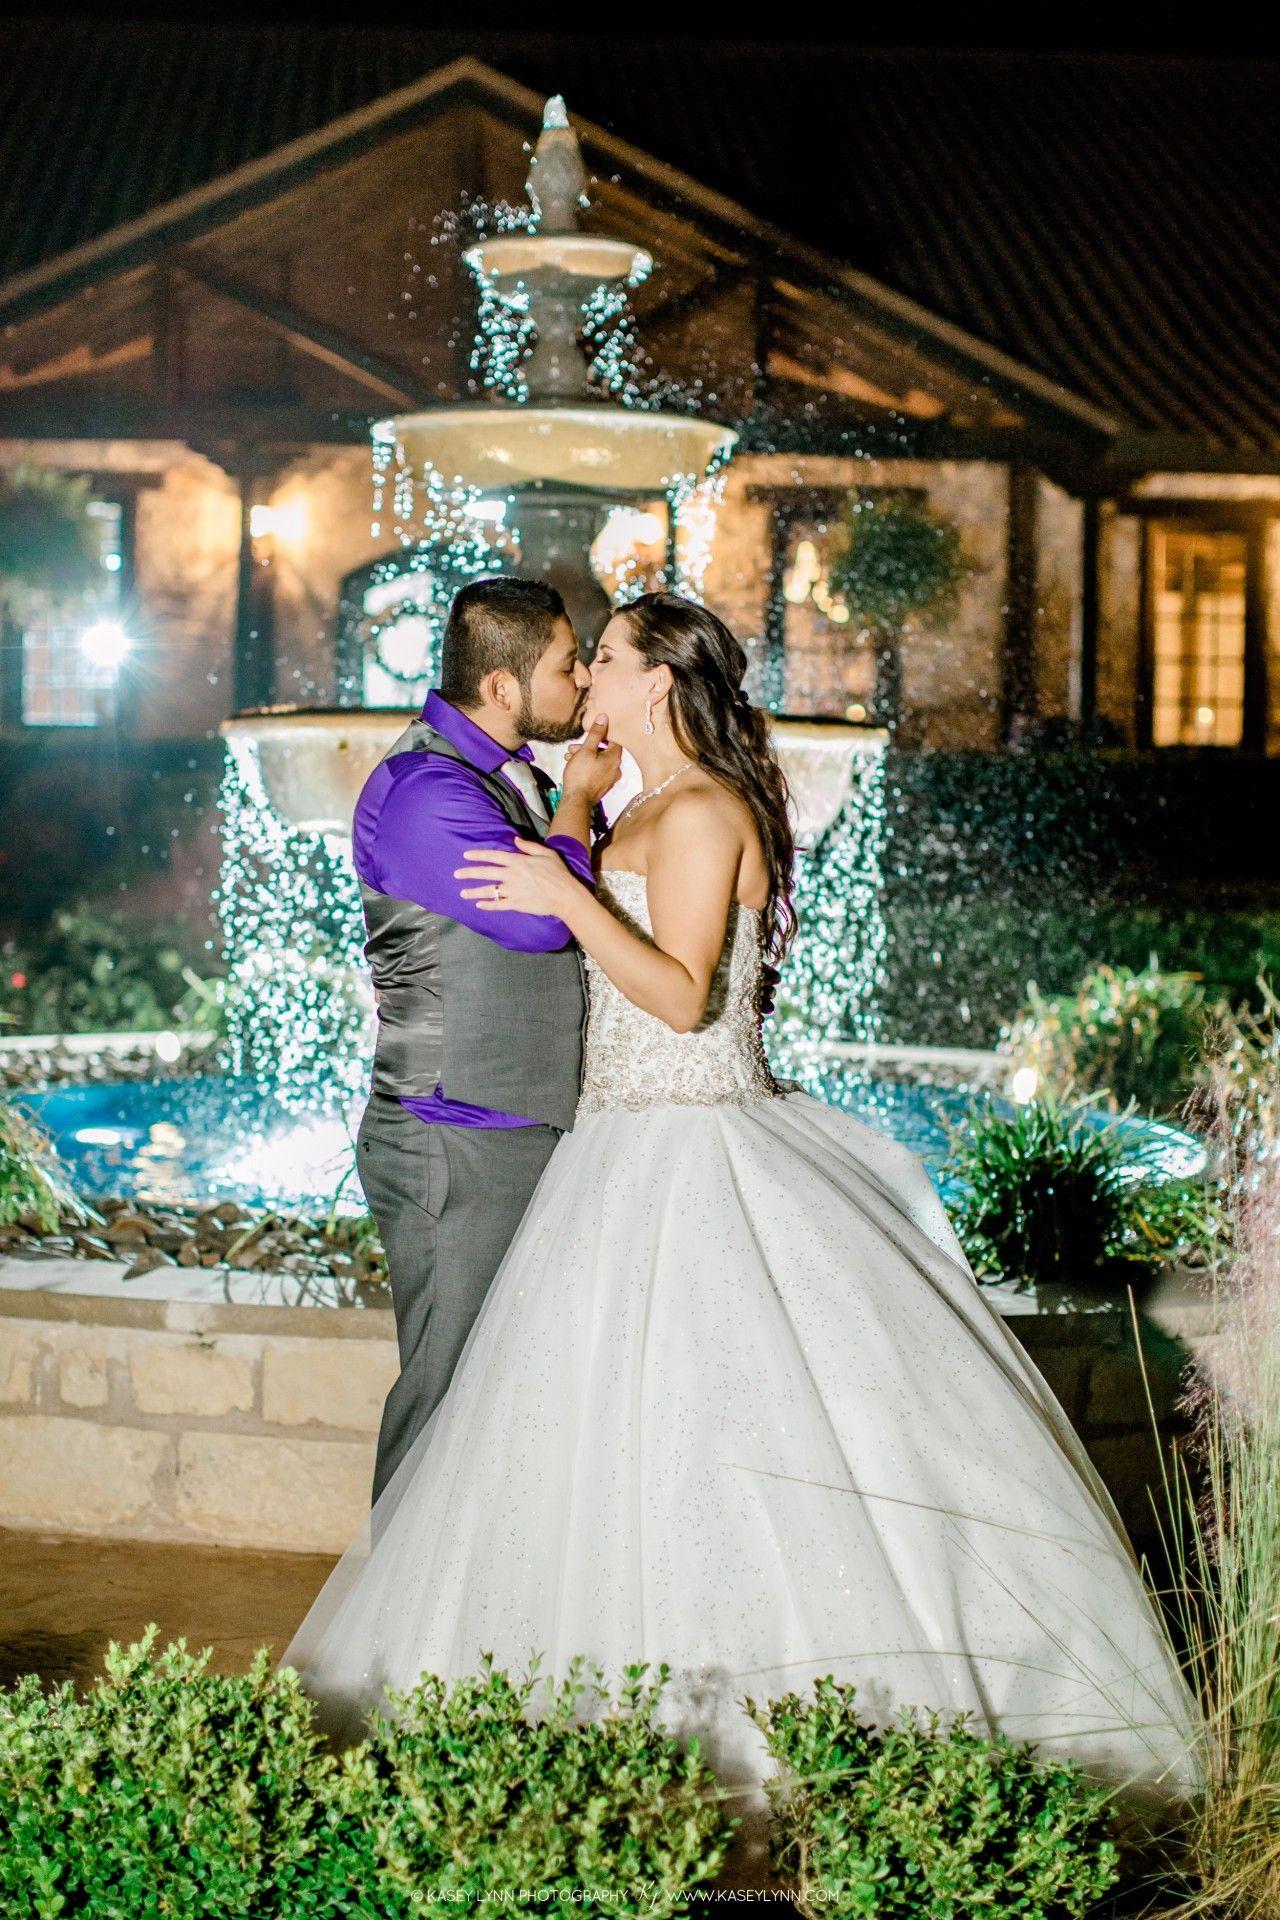 The Springs In Katy In 2019 Houston Wedding Vendors